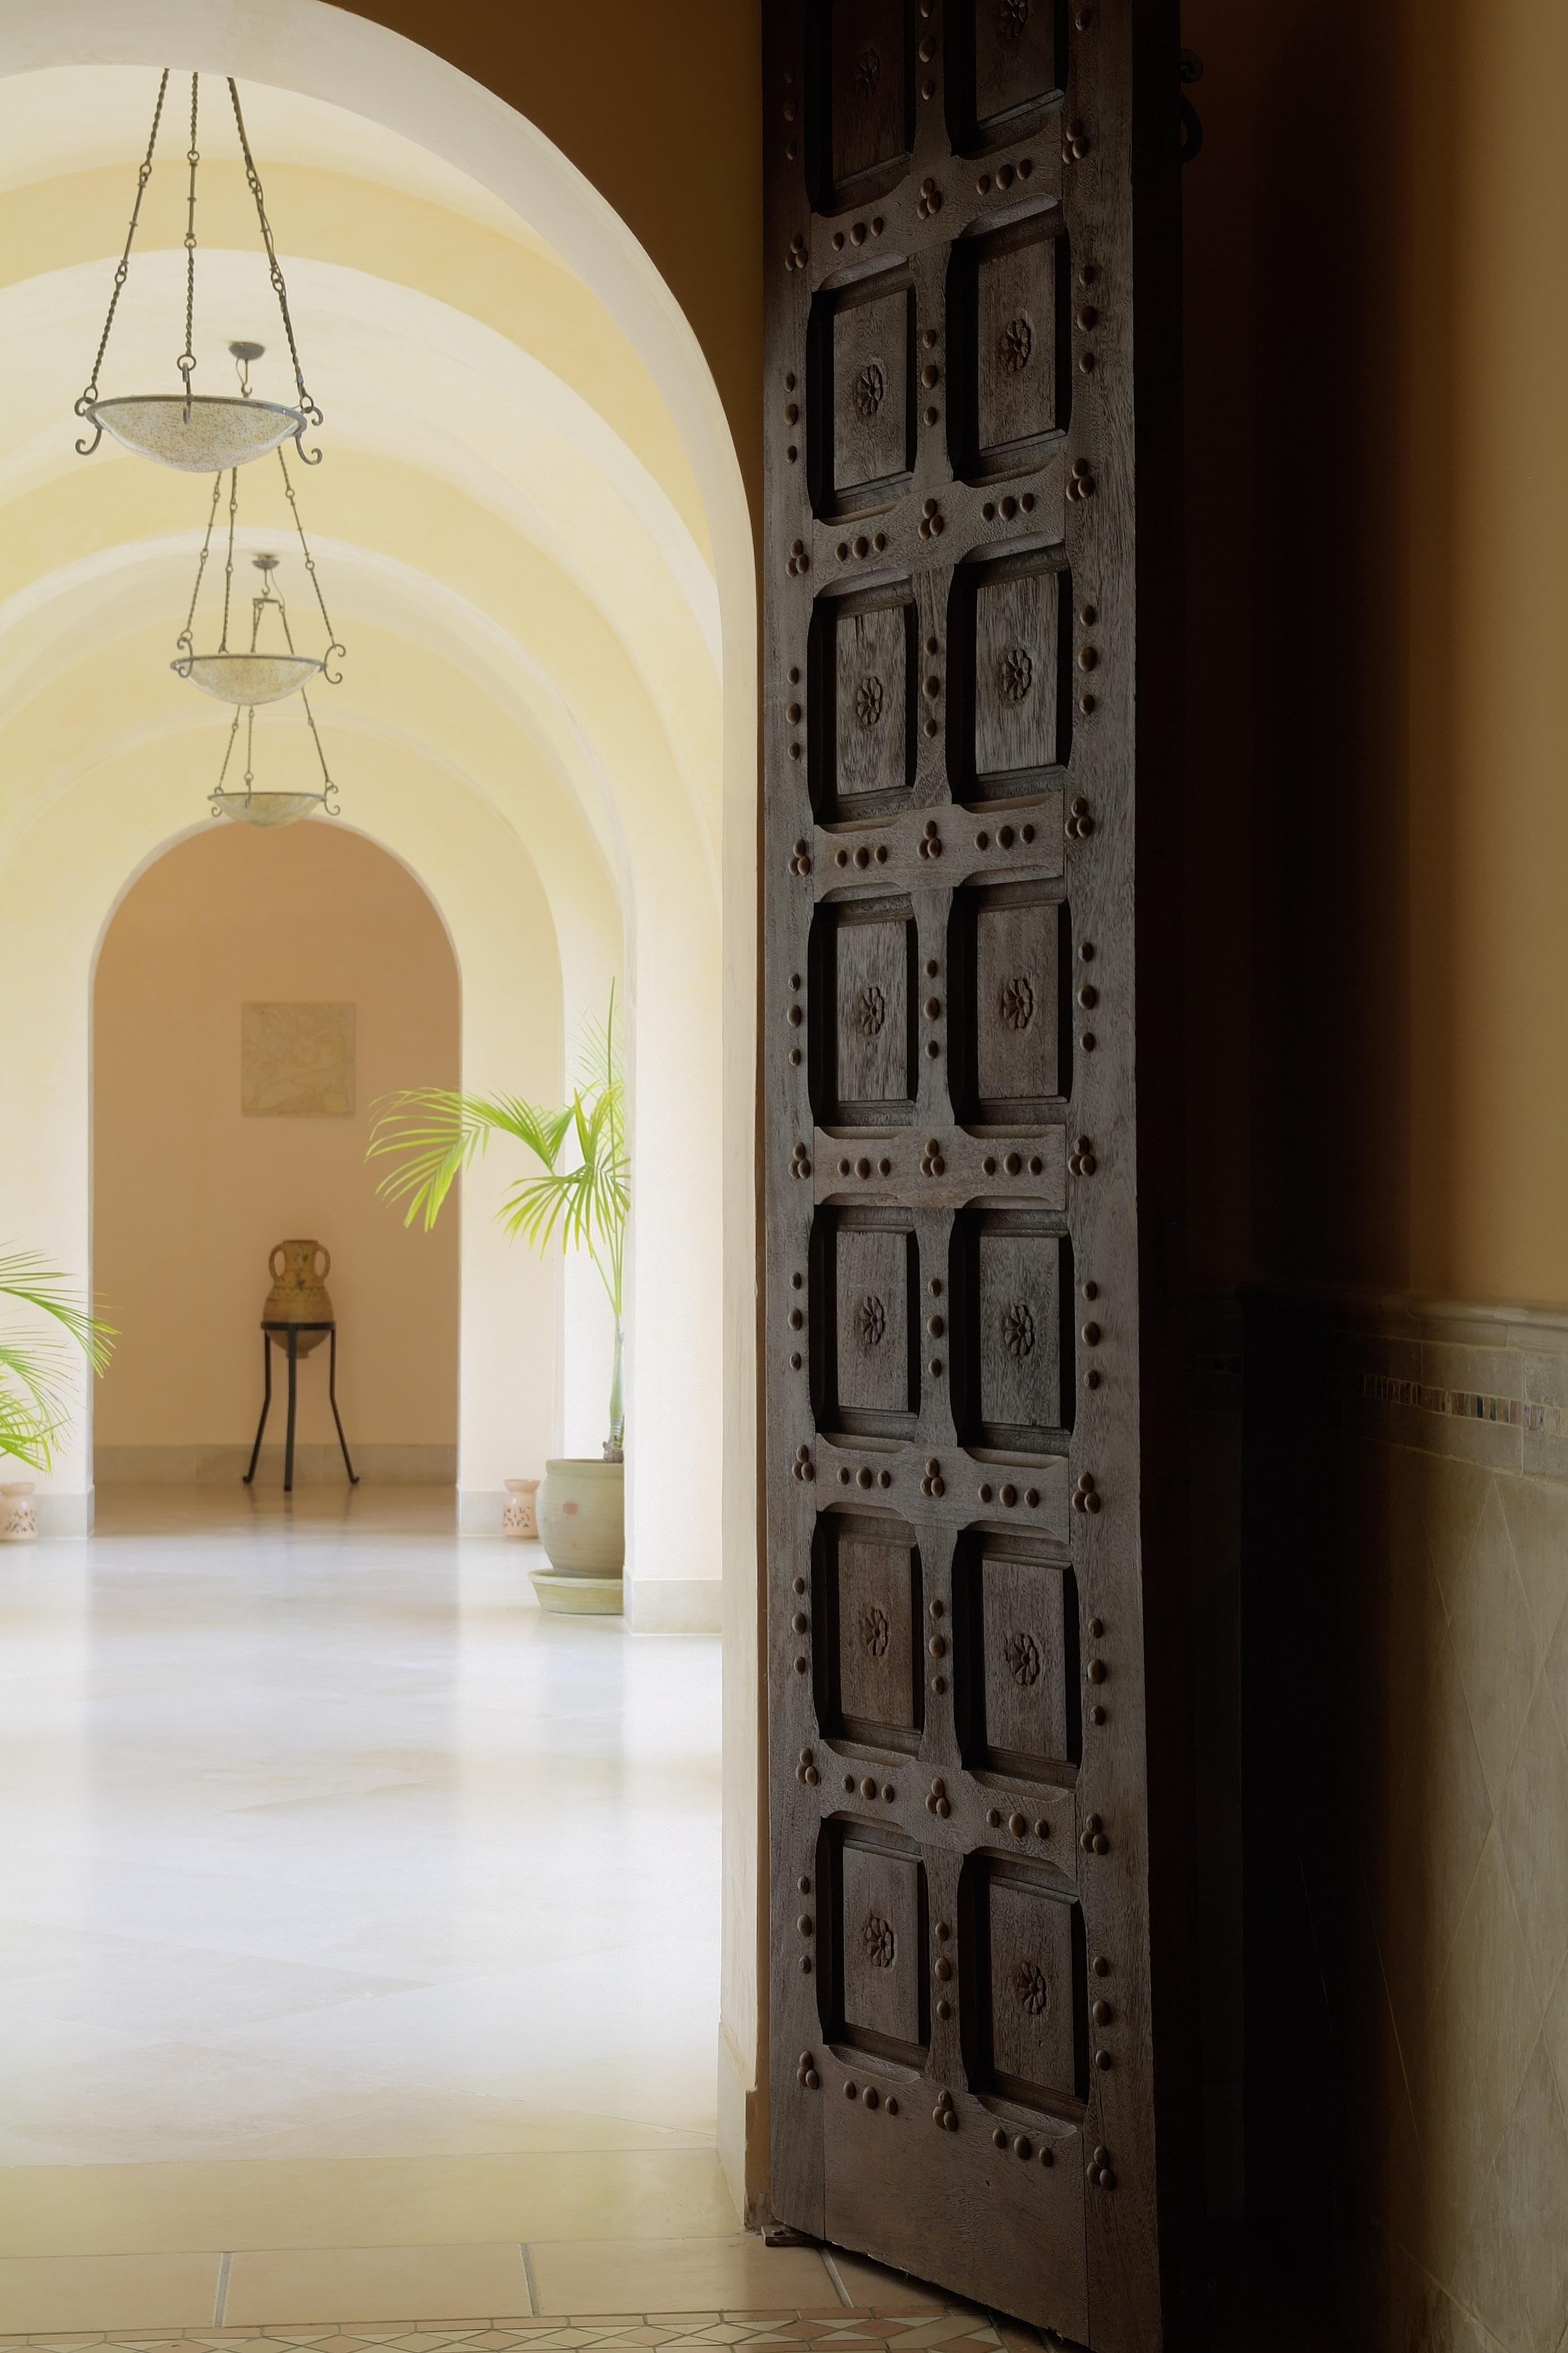 Ulysse Thalasso tirer la porte d'un palais mauresque